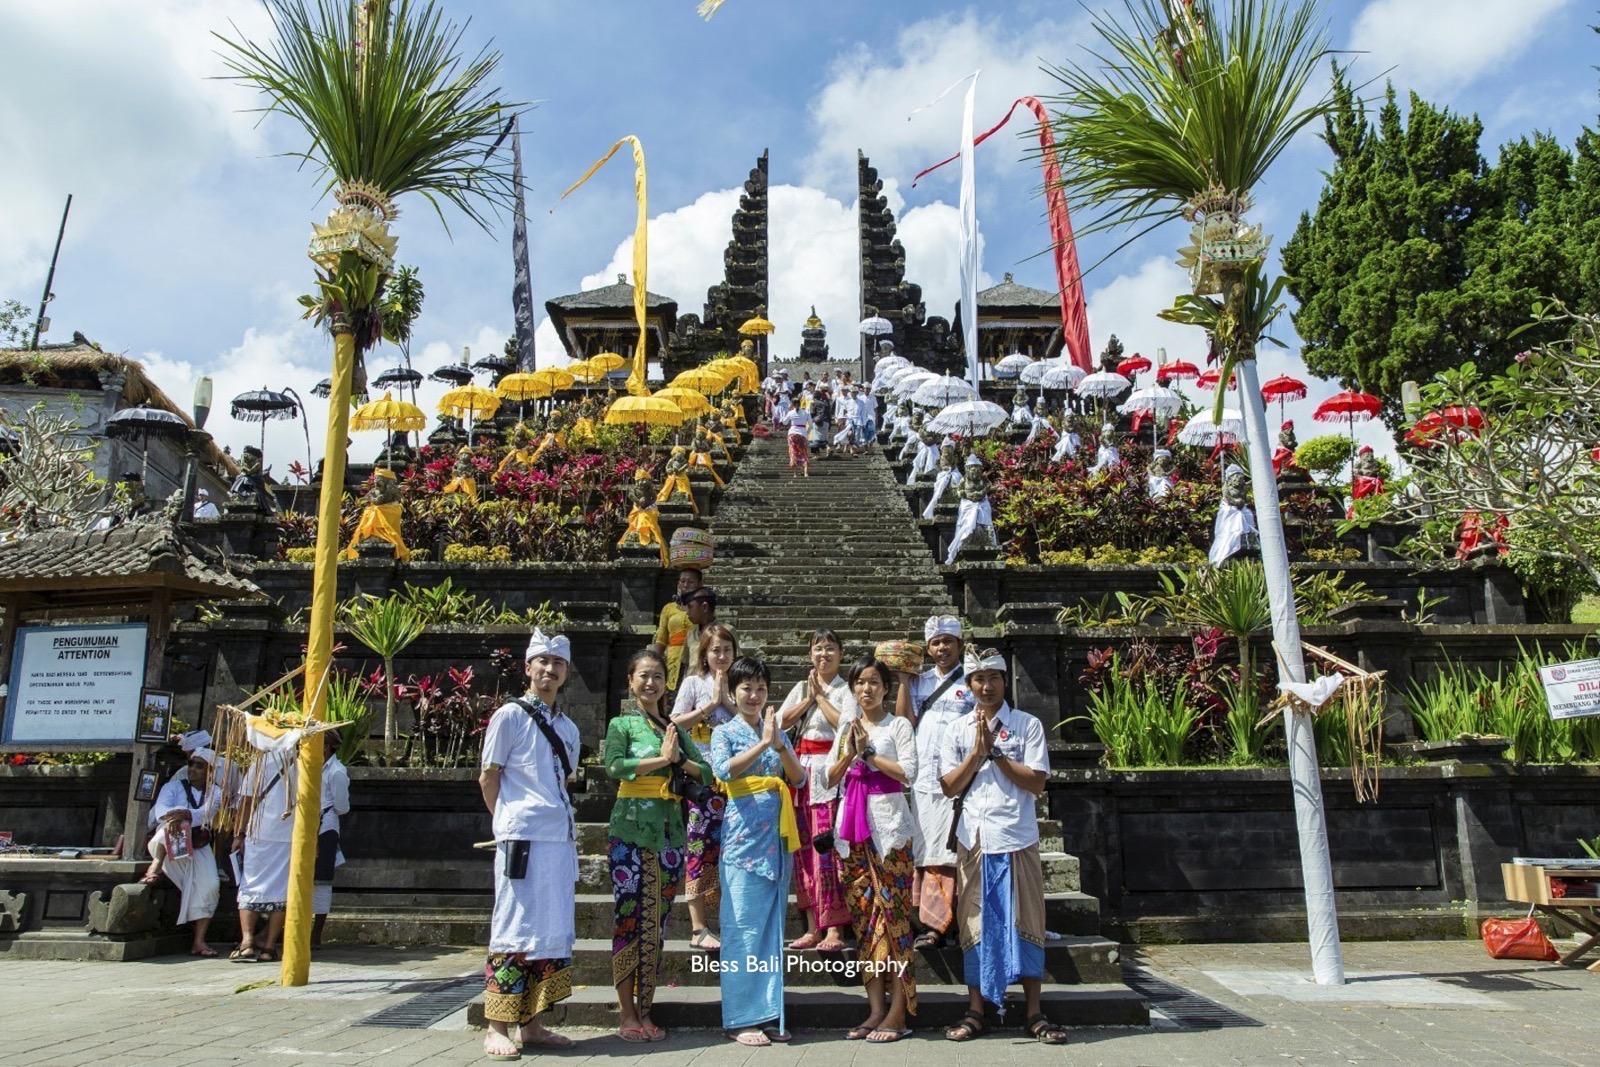 ブサキ寺院の壮大な階段